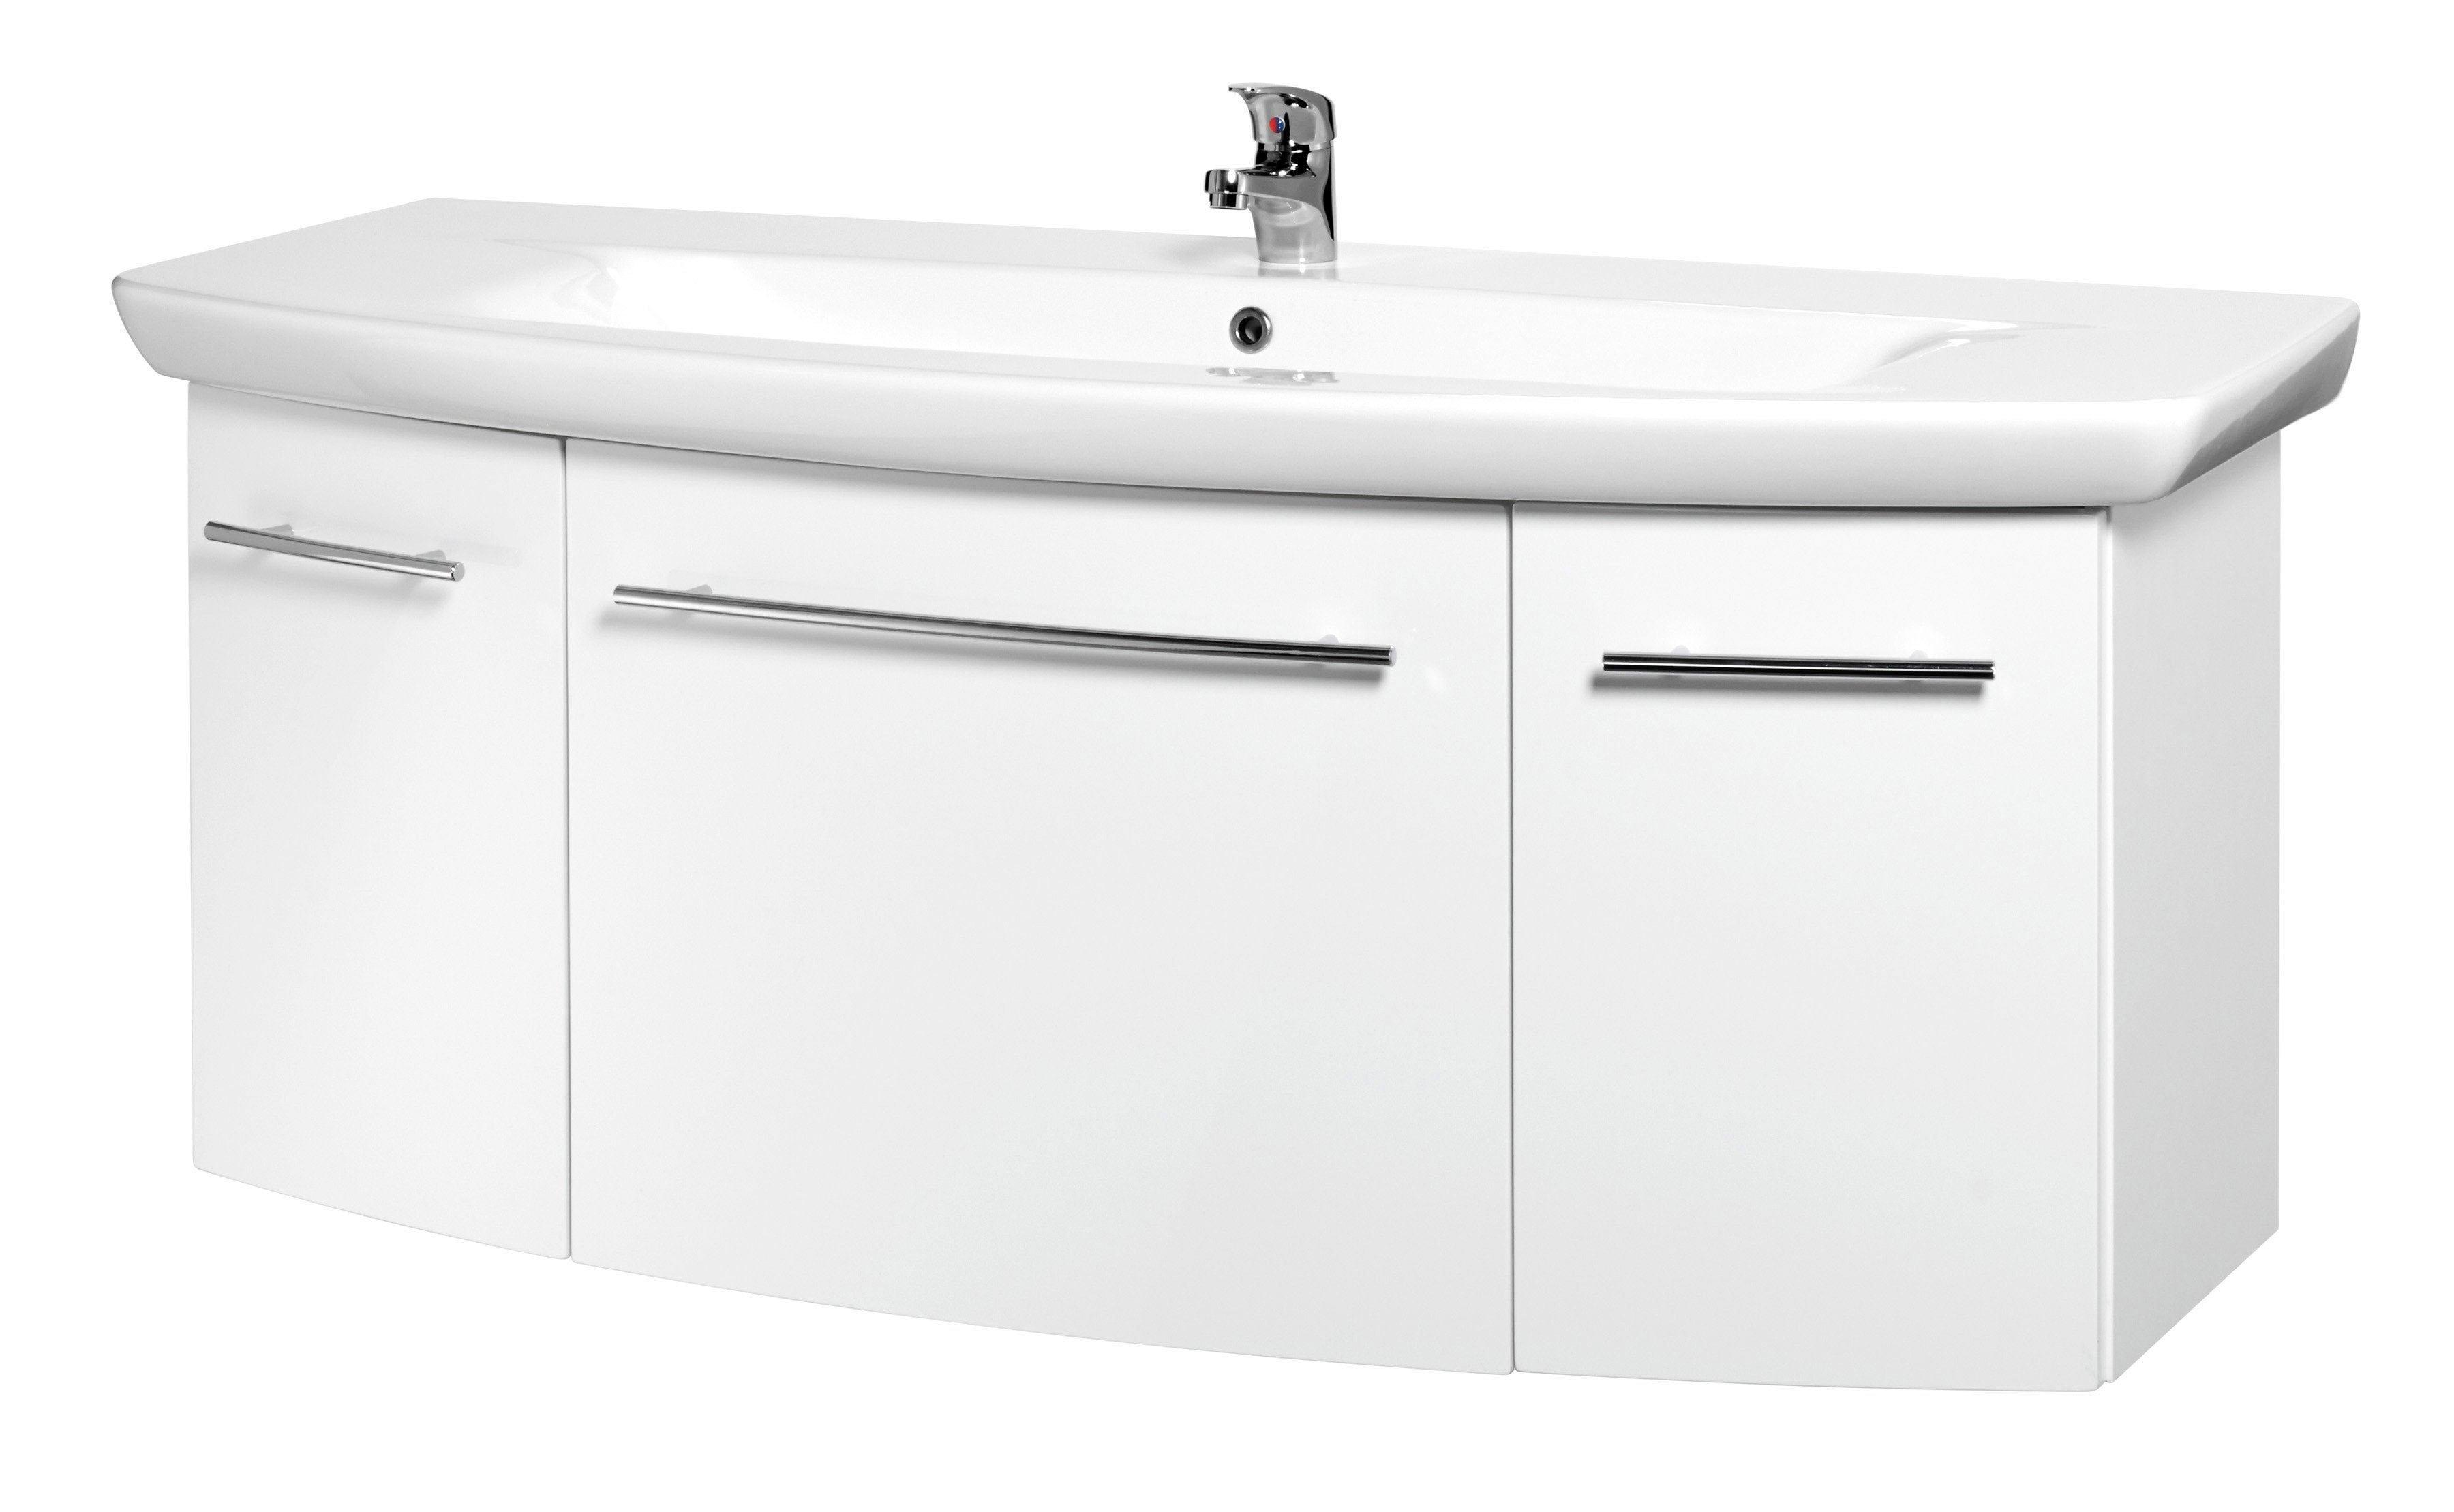 MARLIN Waschtisch 3043, Breite 130,8 cm